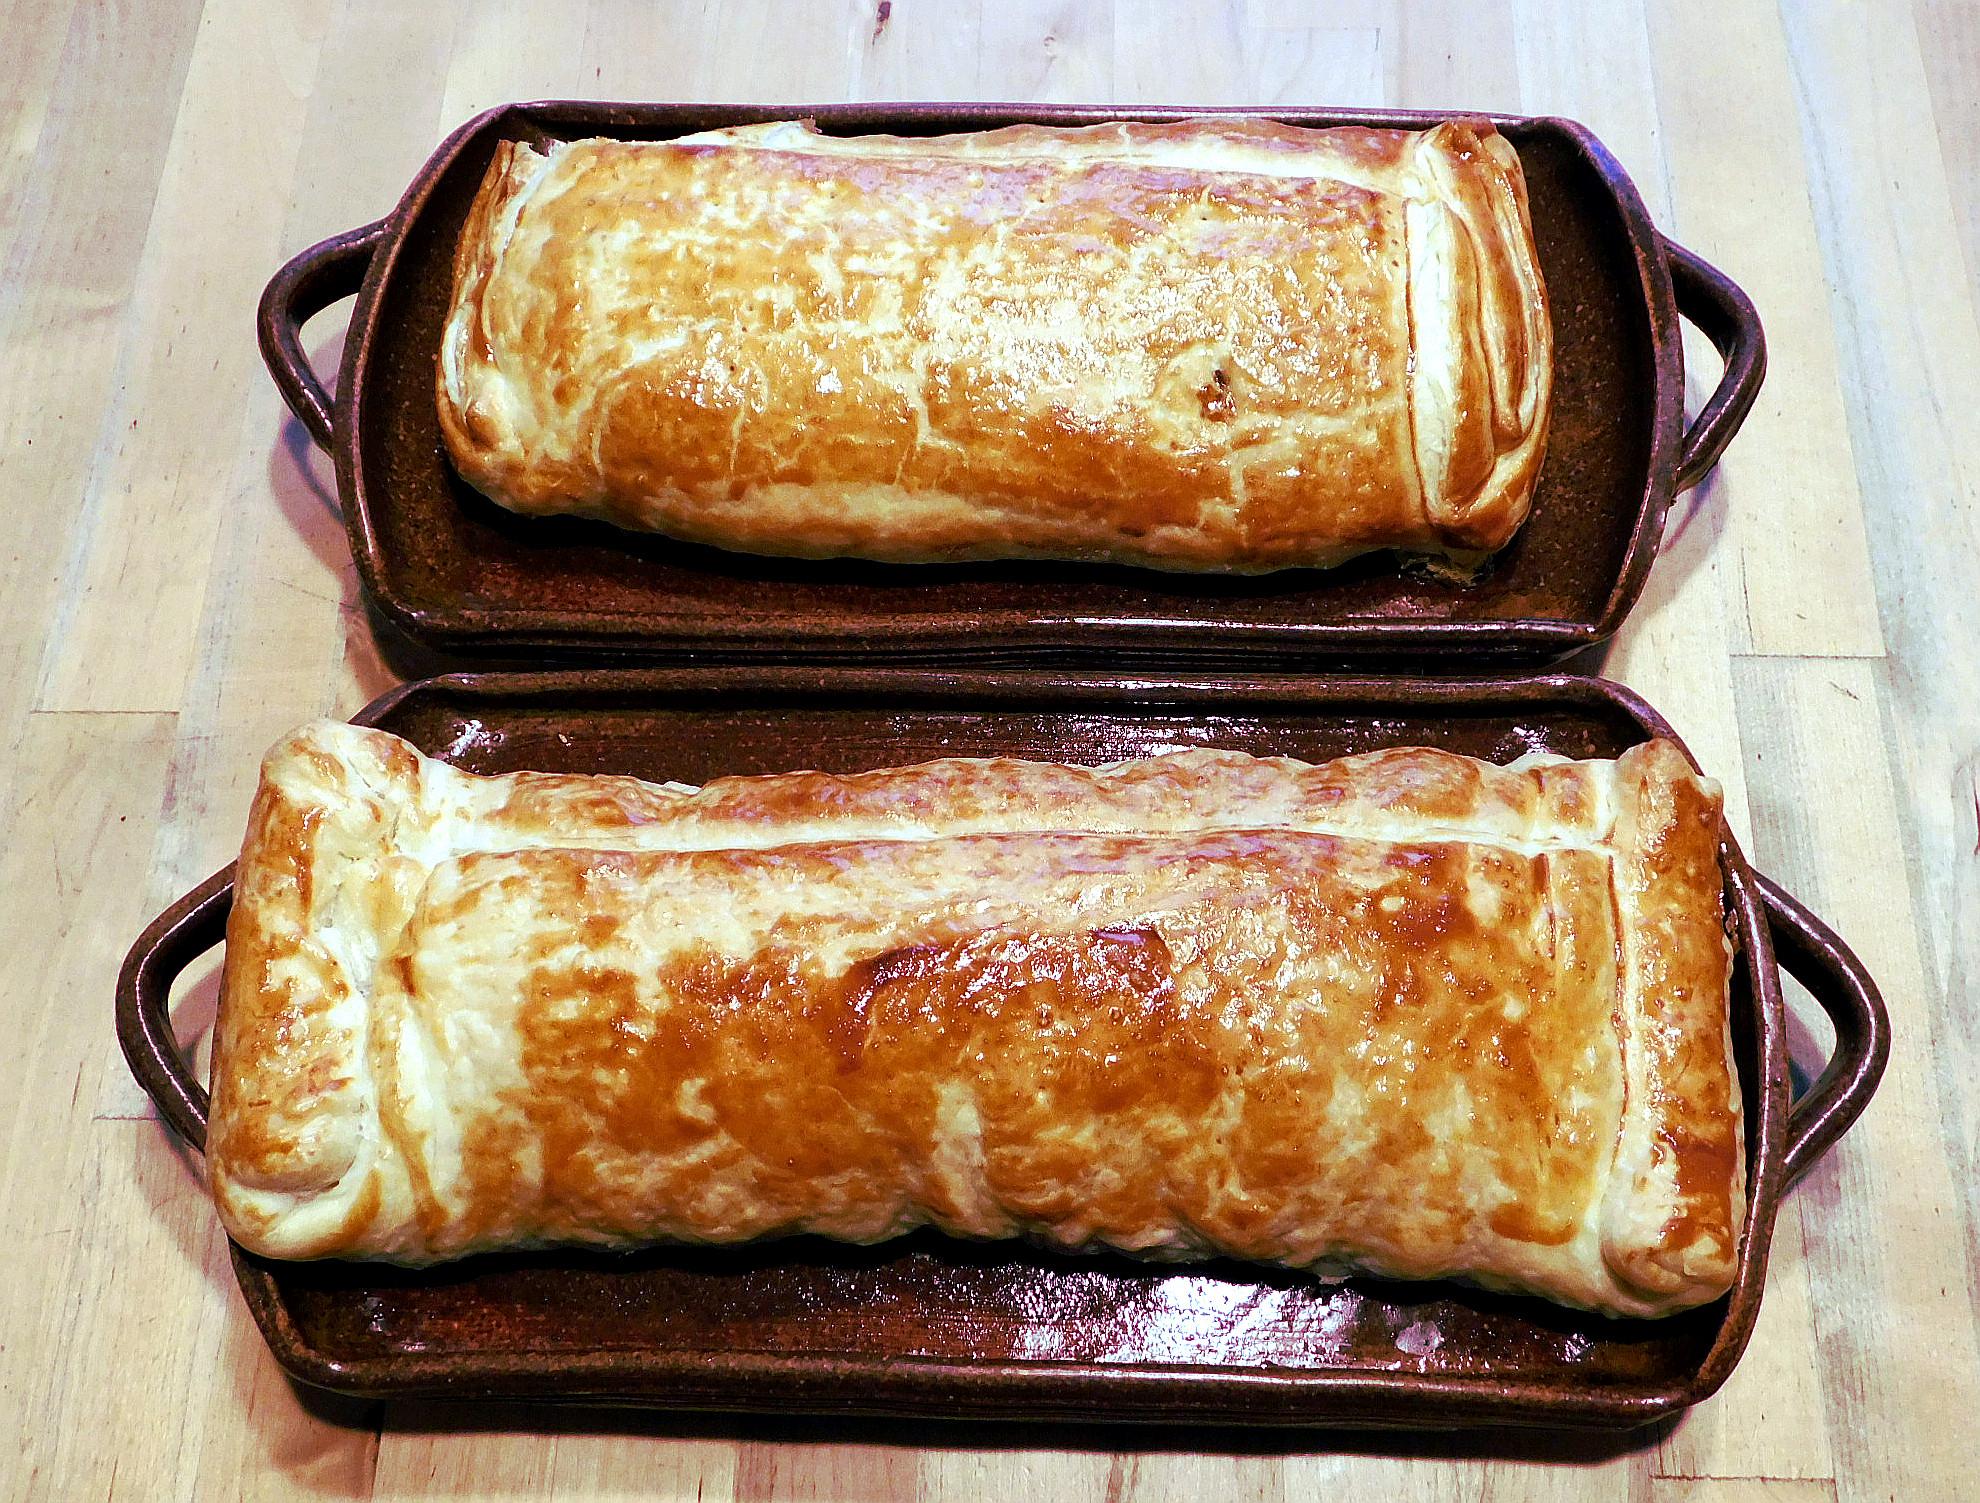 Jablečný závin, jablečný štrůdl, recept na štrůdl prečený na kameninovém tácu (štrůdlovníku).